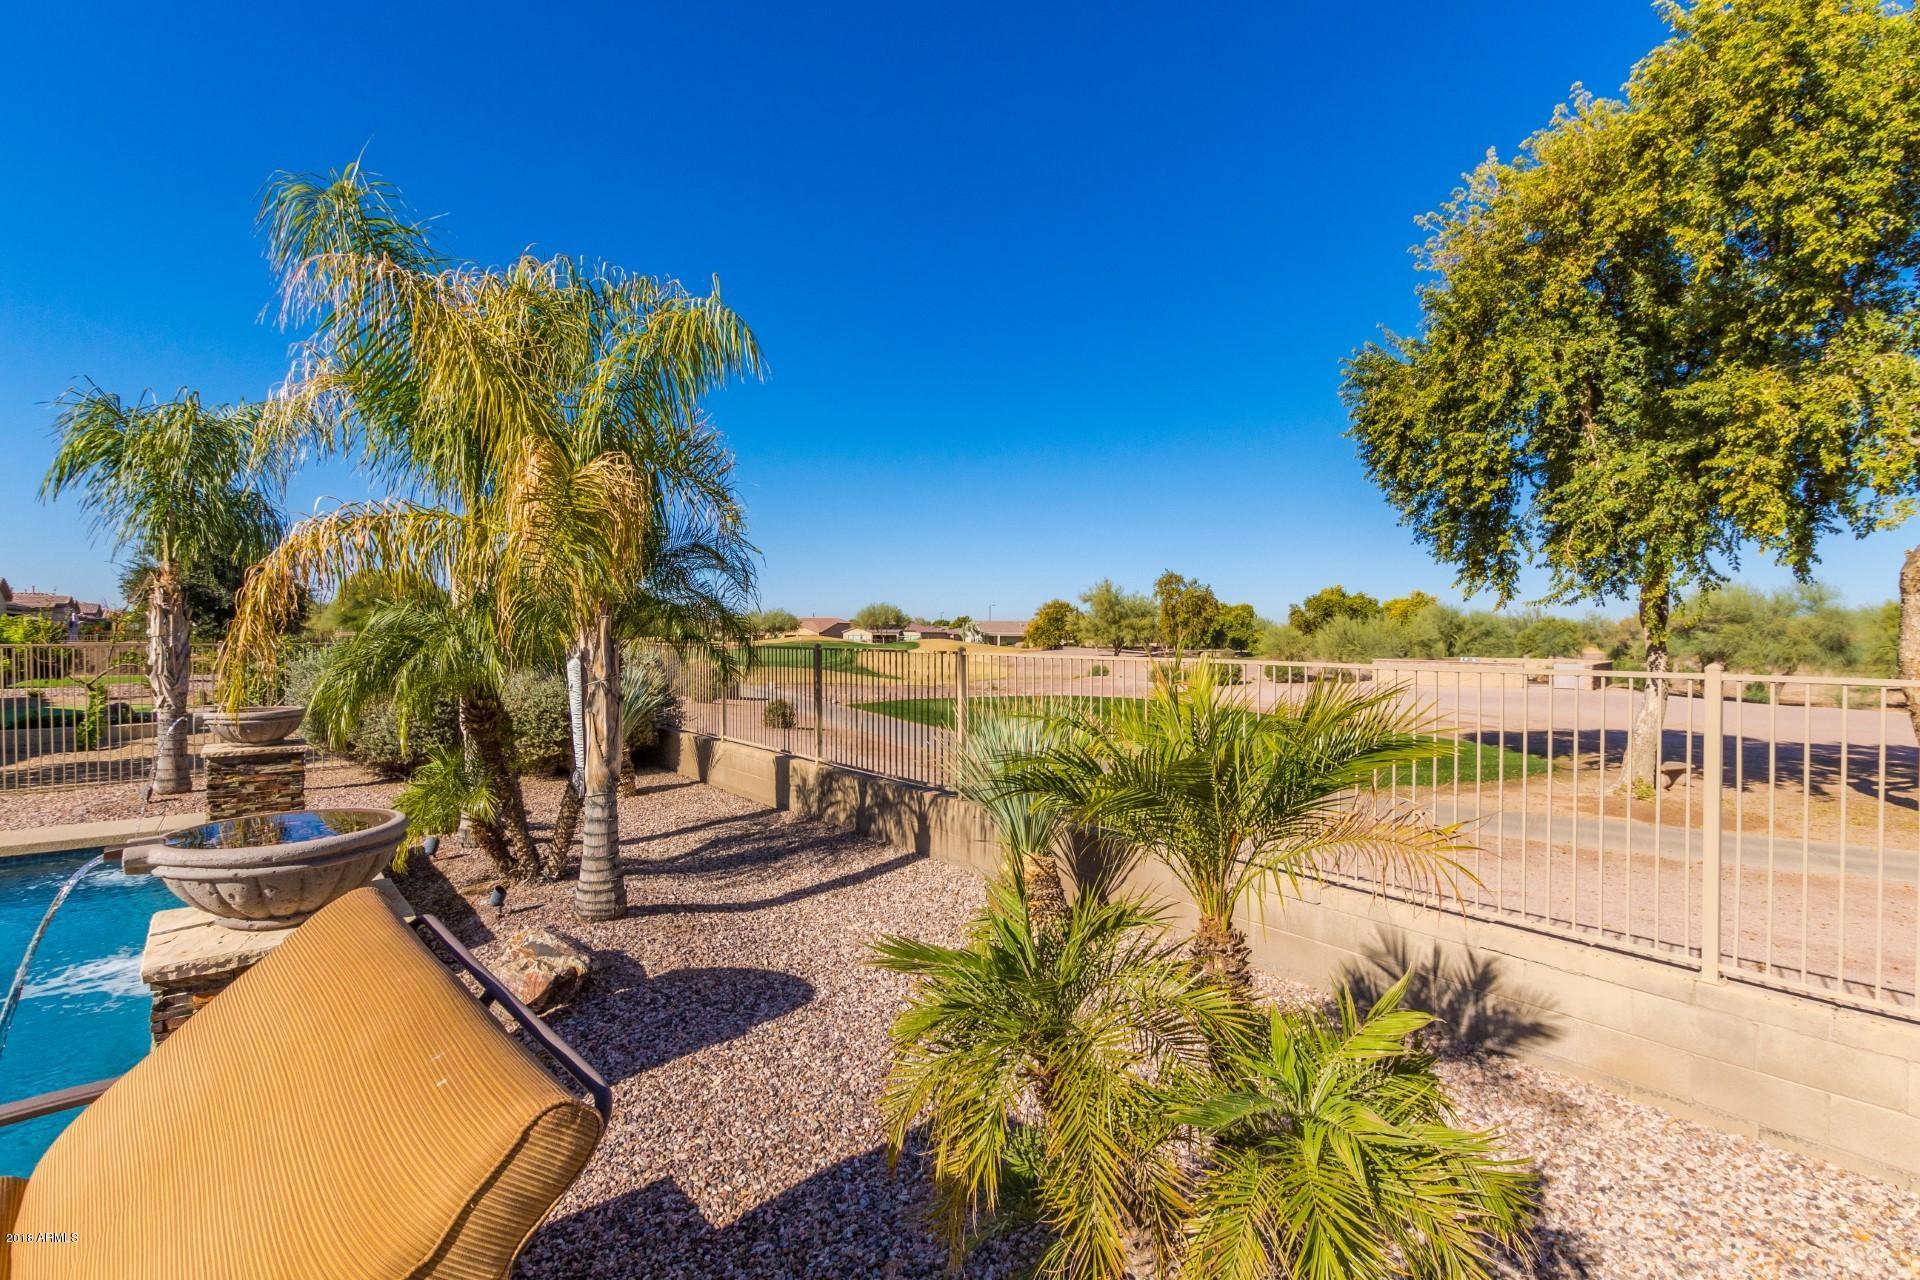 MLS 5859245 4390 E FICUS Way, Gilbert, AZ 85298 Gilbert AZ Power Ranch